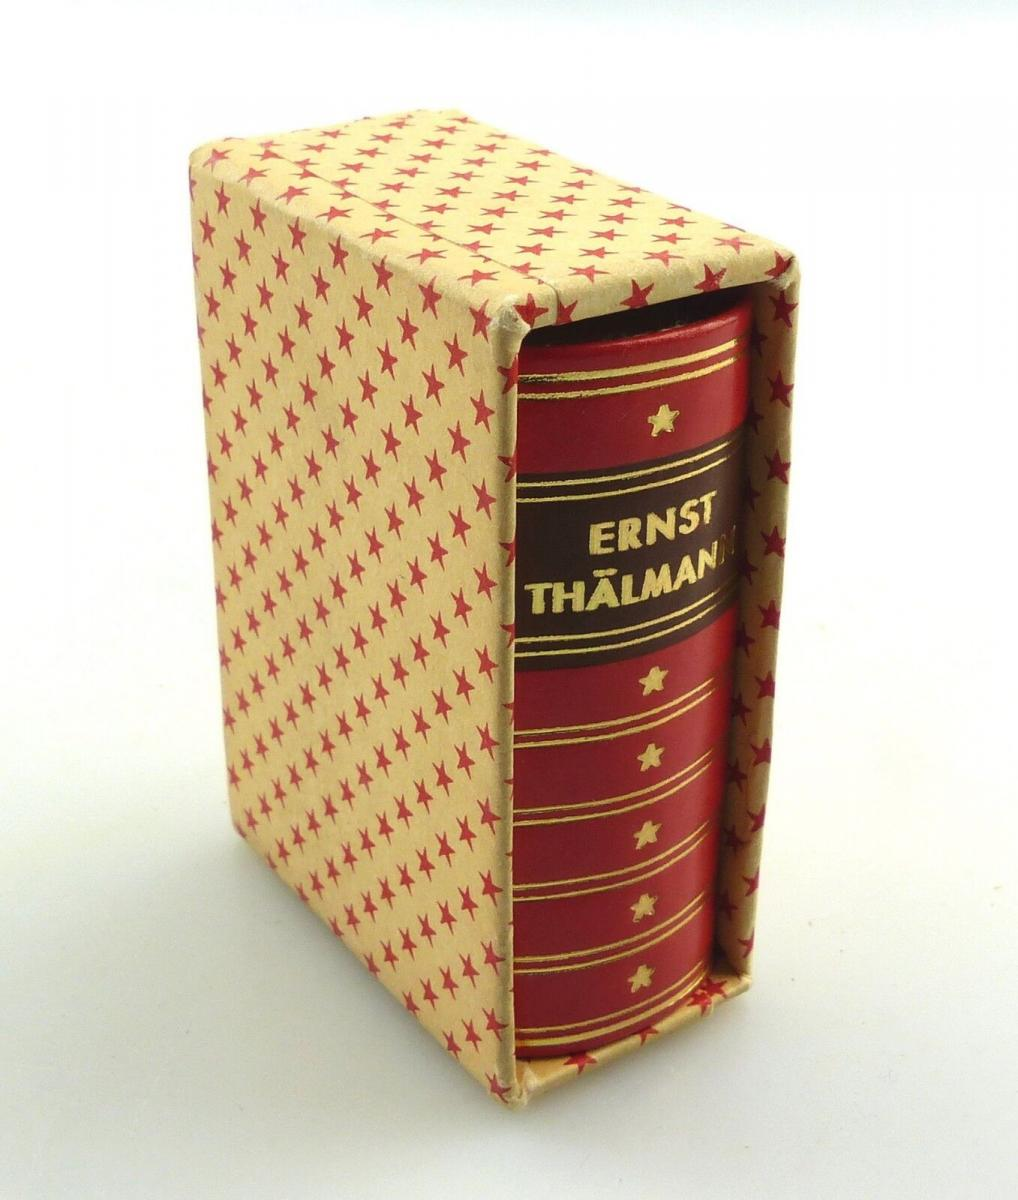 E9211 Minibuch: Ernst Thälmann Vorbild der Jugend 1976 Johannes R. Becher